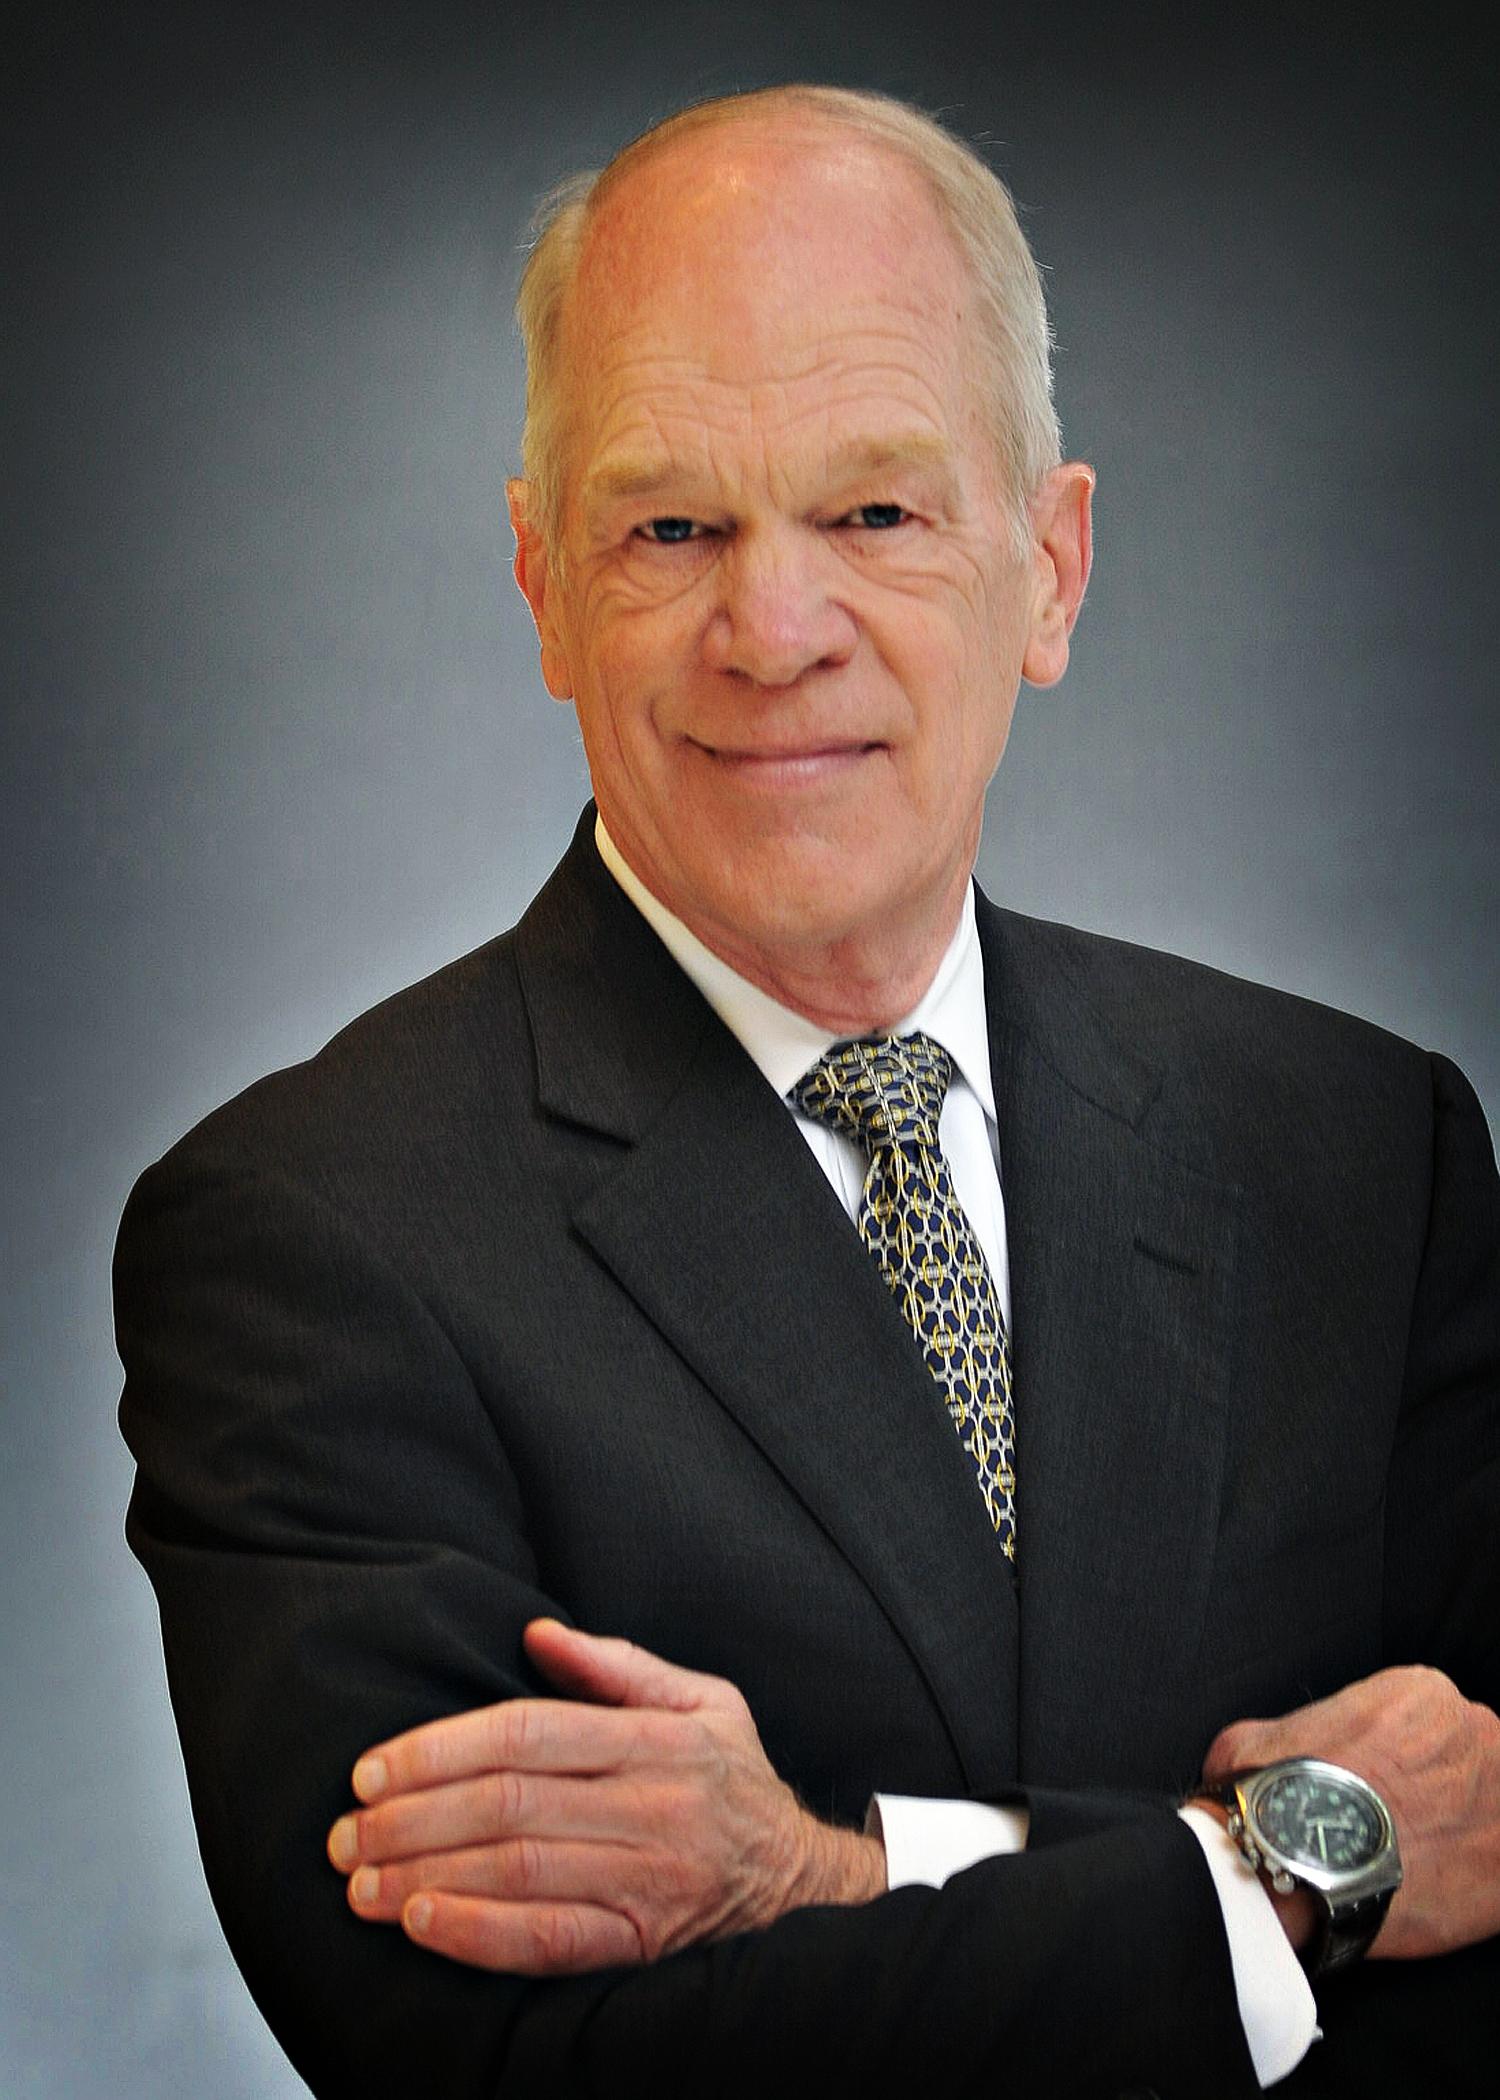 Stephen P. Oliver